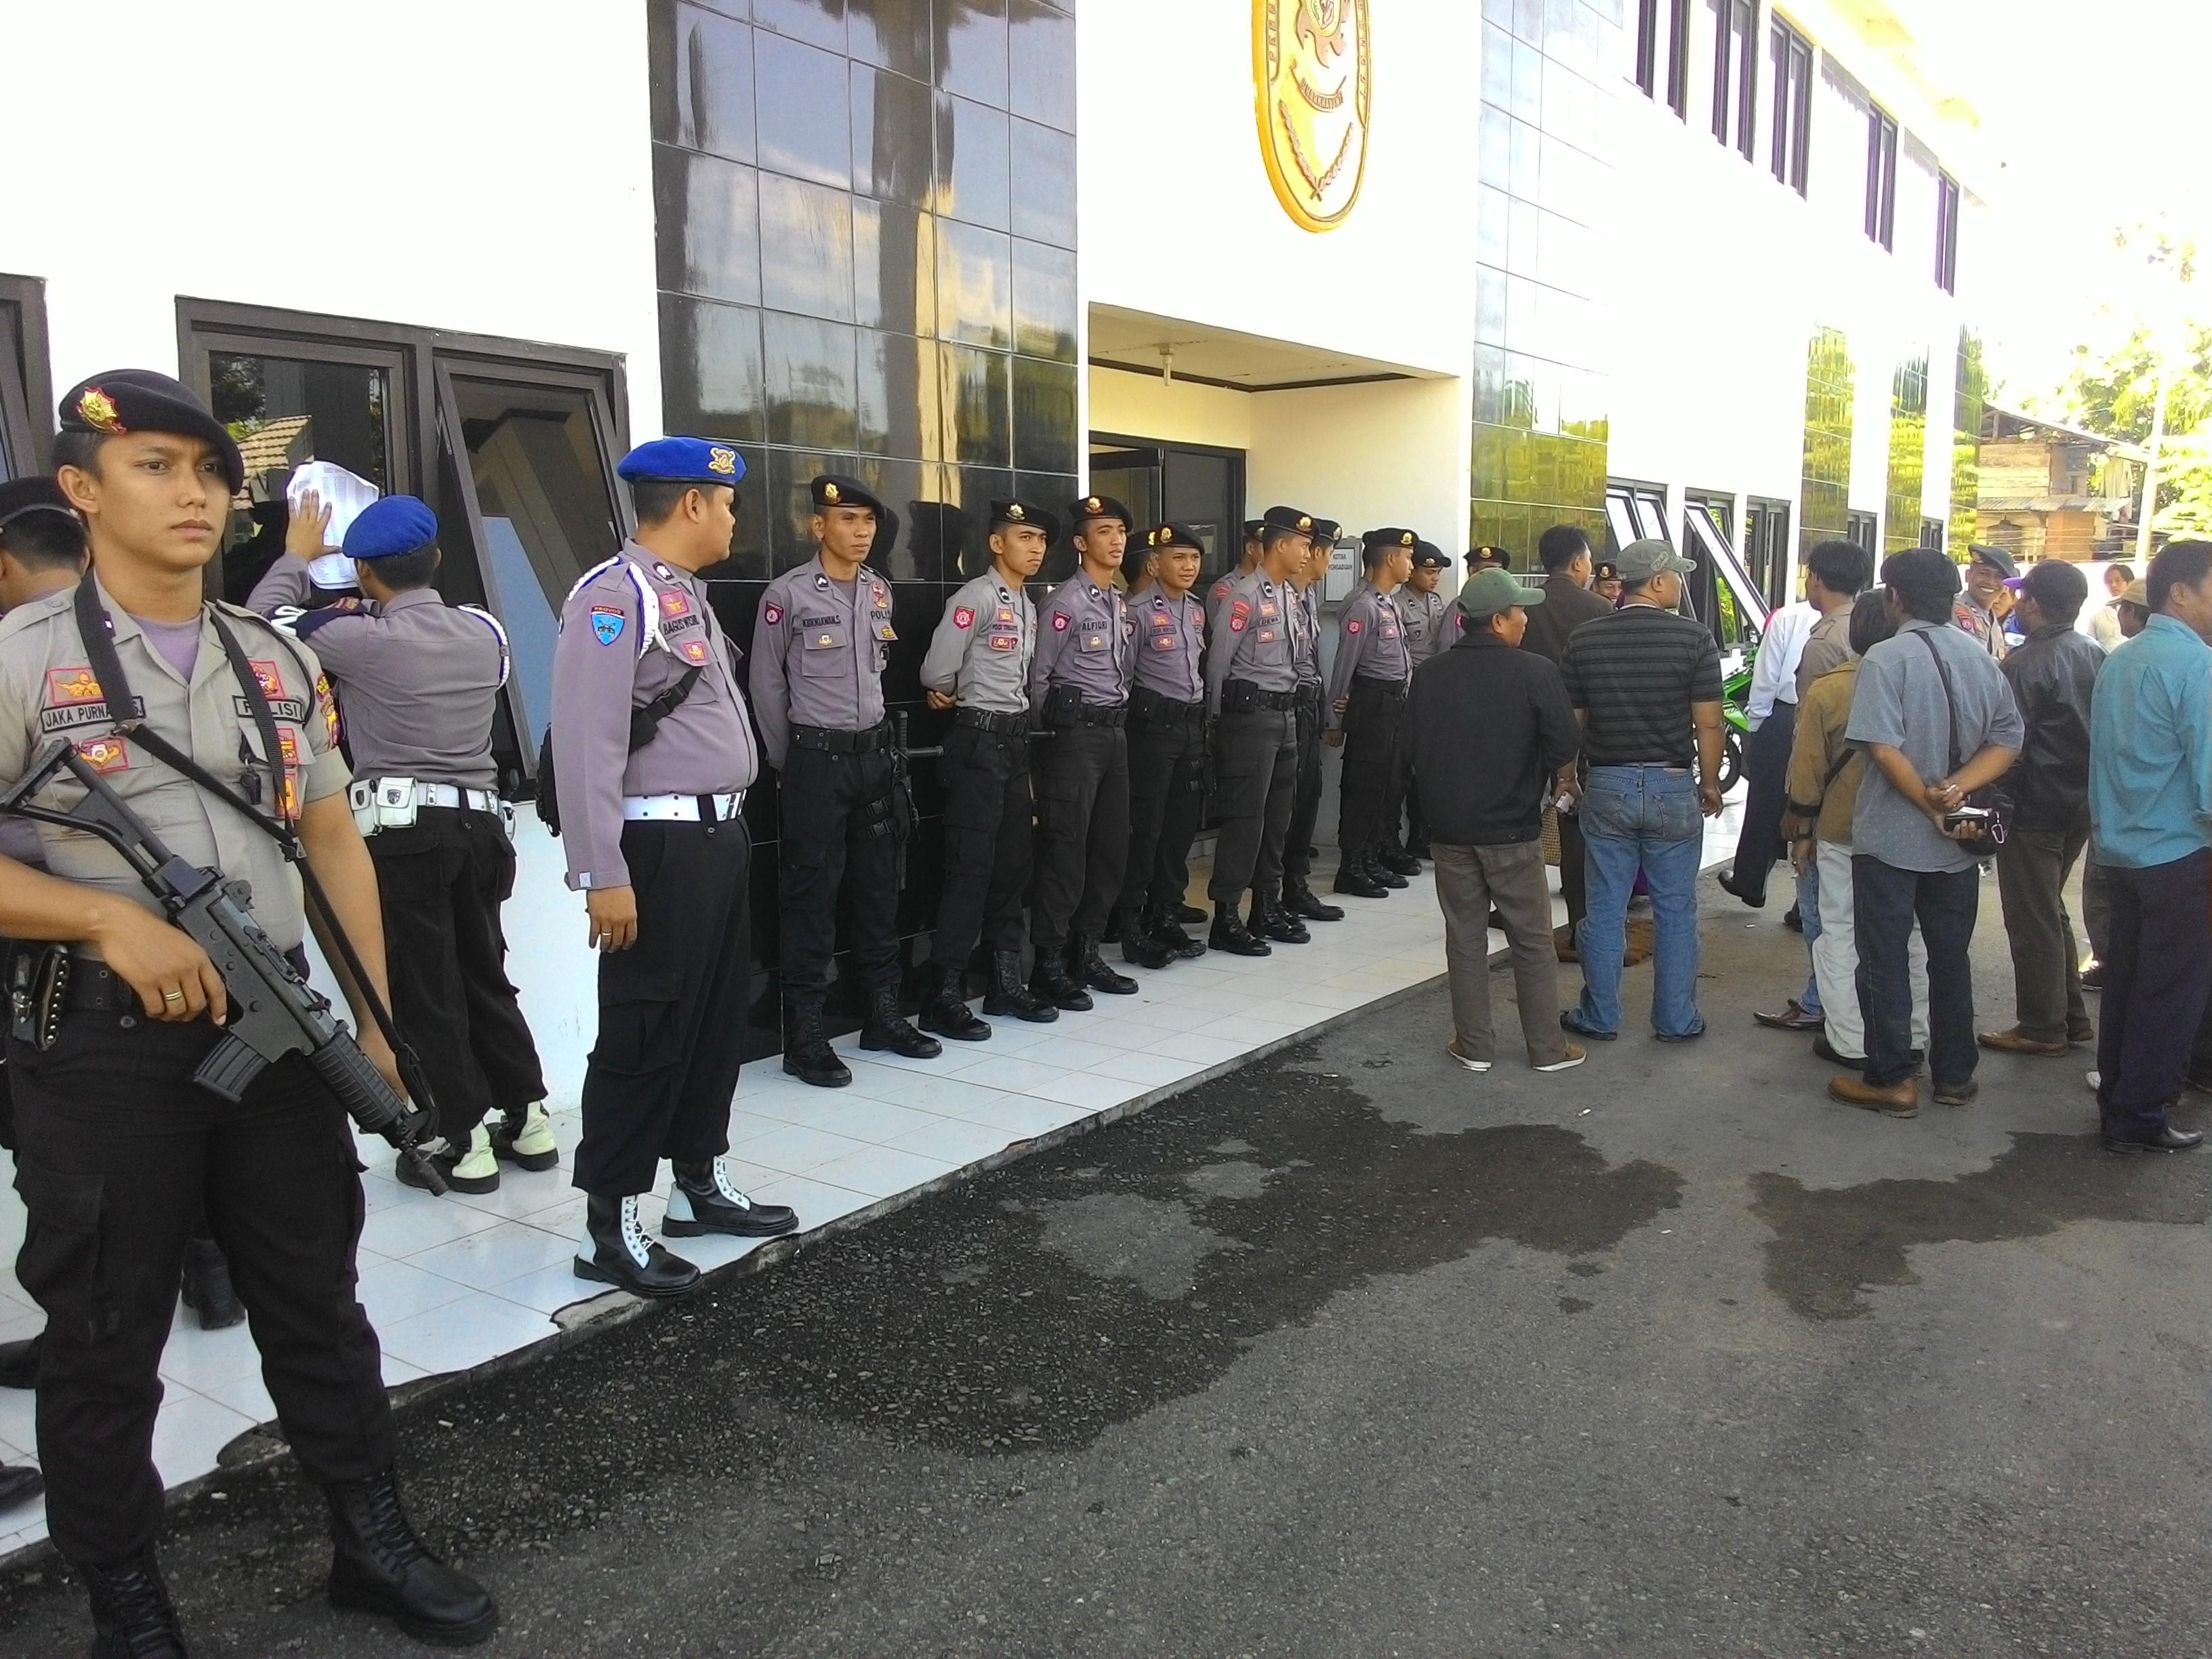 Press Release Bersama: Ritual Adat Dikriminalisasi, Warga Adat Paser Berontak